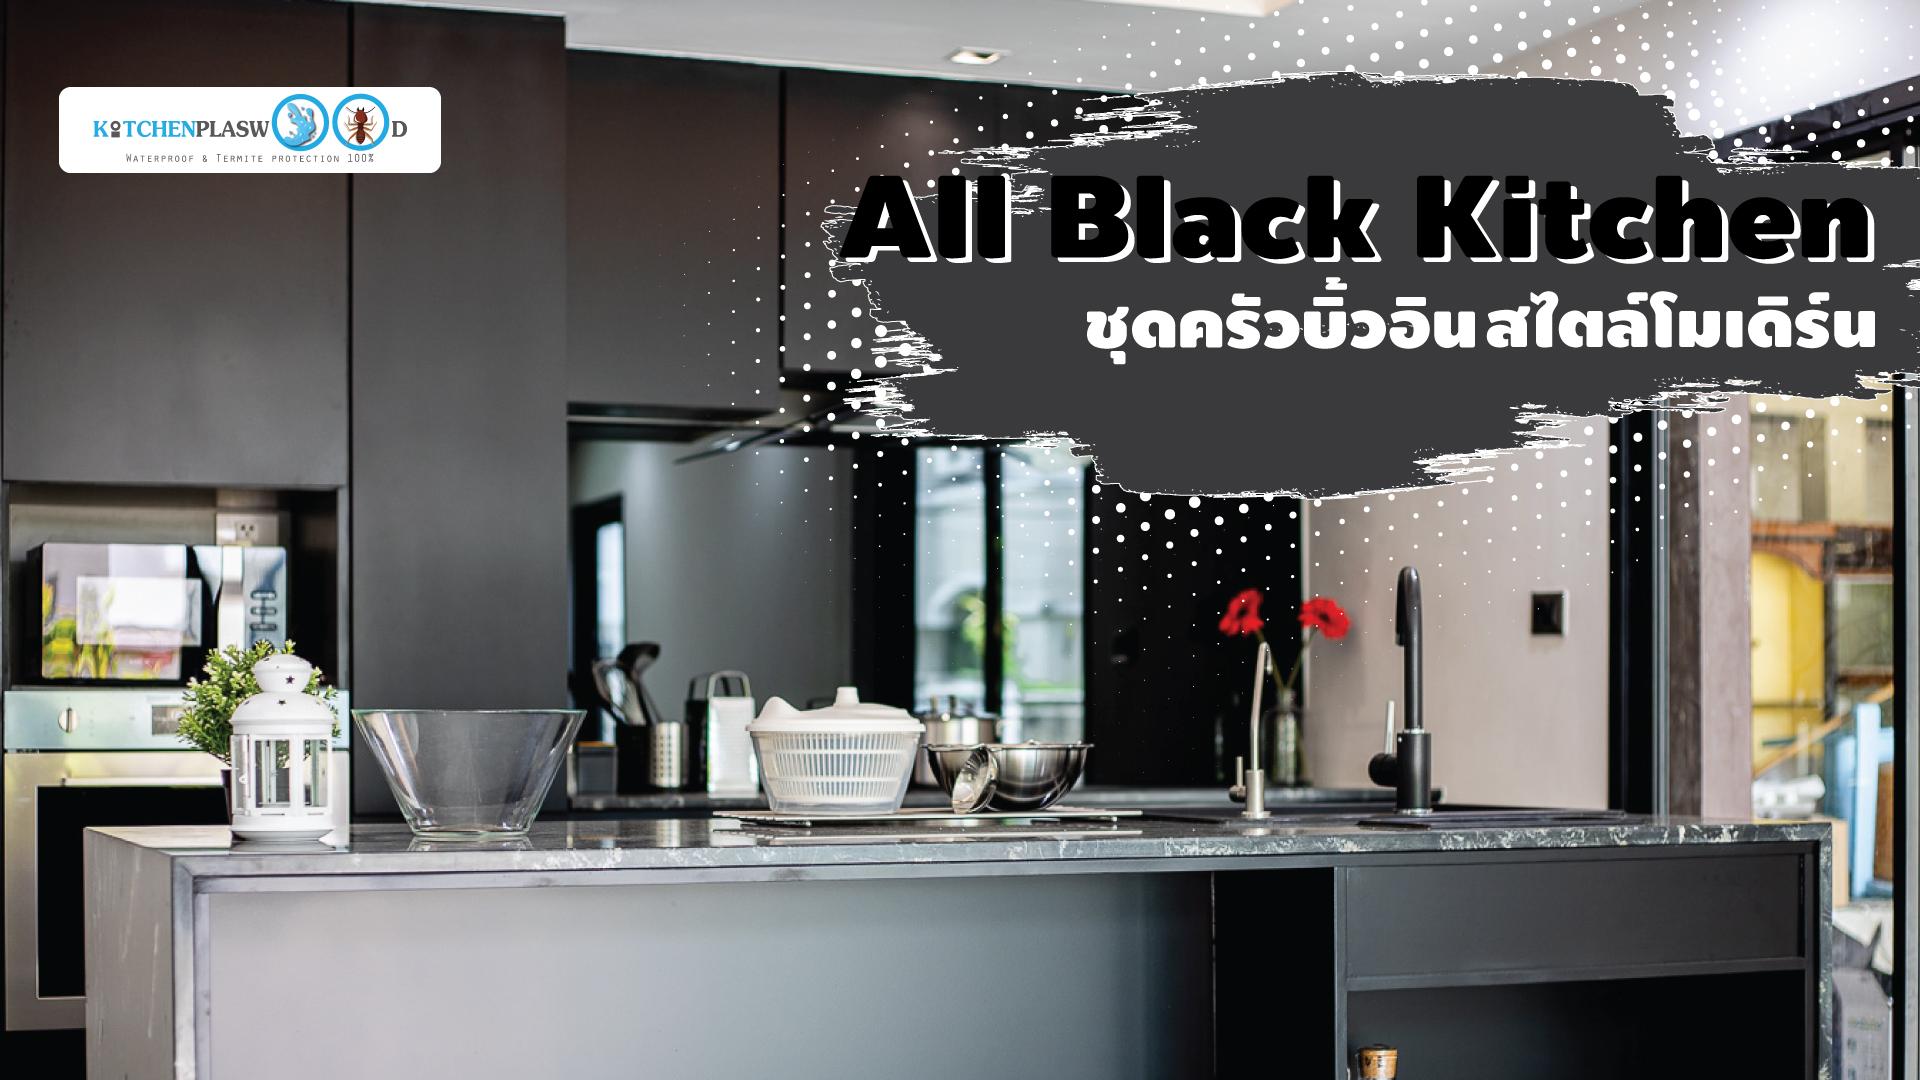 ชุดครัวบิ้วอิน All Black Kitchen ครัวสุดเท่ ในสไตล์โมเดิร์น, ชุดครัวบิ้วอิน, ครัวดำ, เคาน์เตอร์ครัว, ครัวตัวไอ, I Shape Kitchen, island counter,